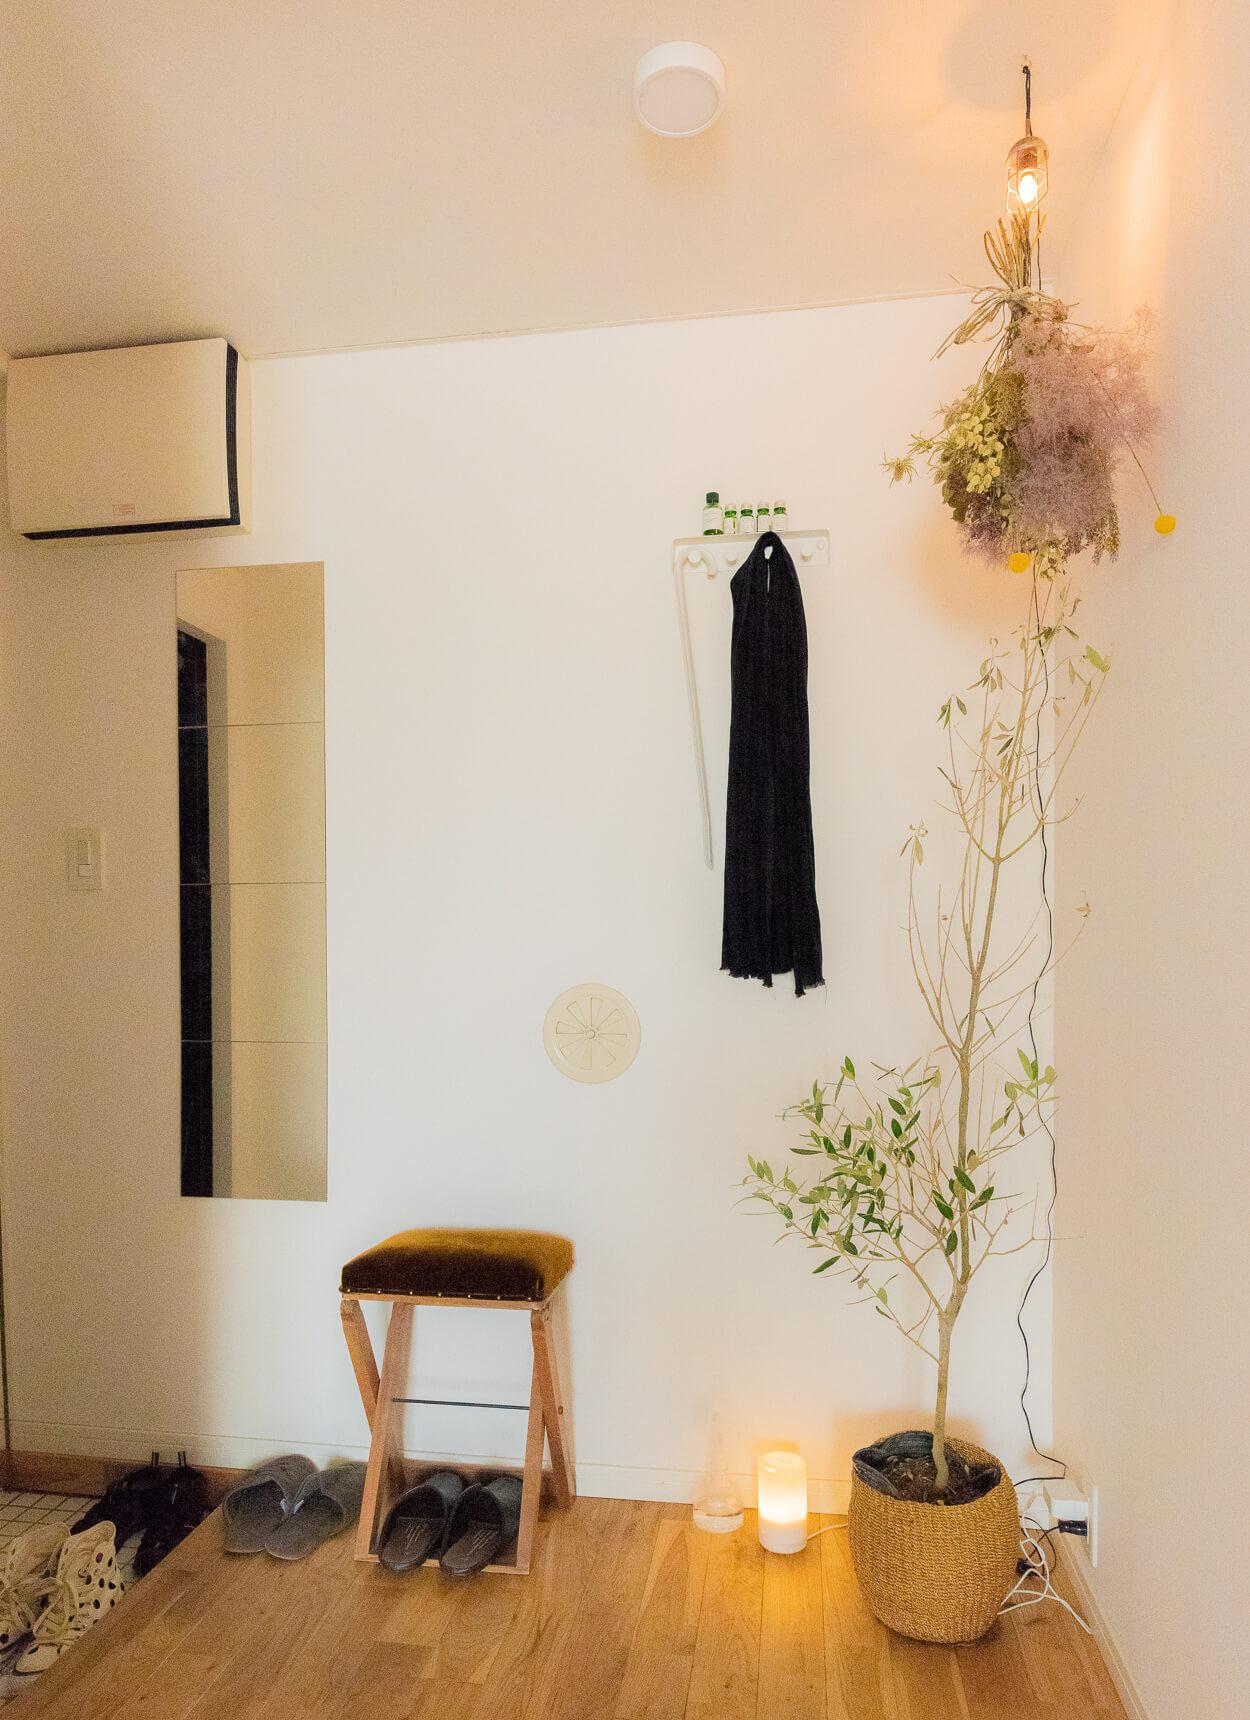 殺風景になりがちな玄関を、明るく華やかに。お客様をお迎えしたり、自分自身が気持ちよく出入りできる空間を作るために、スワッグの力を借りることはとても自然のことのようです。(このお部屋をもっと見る)